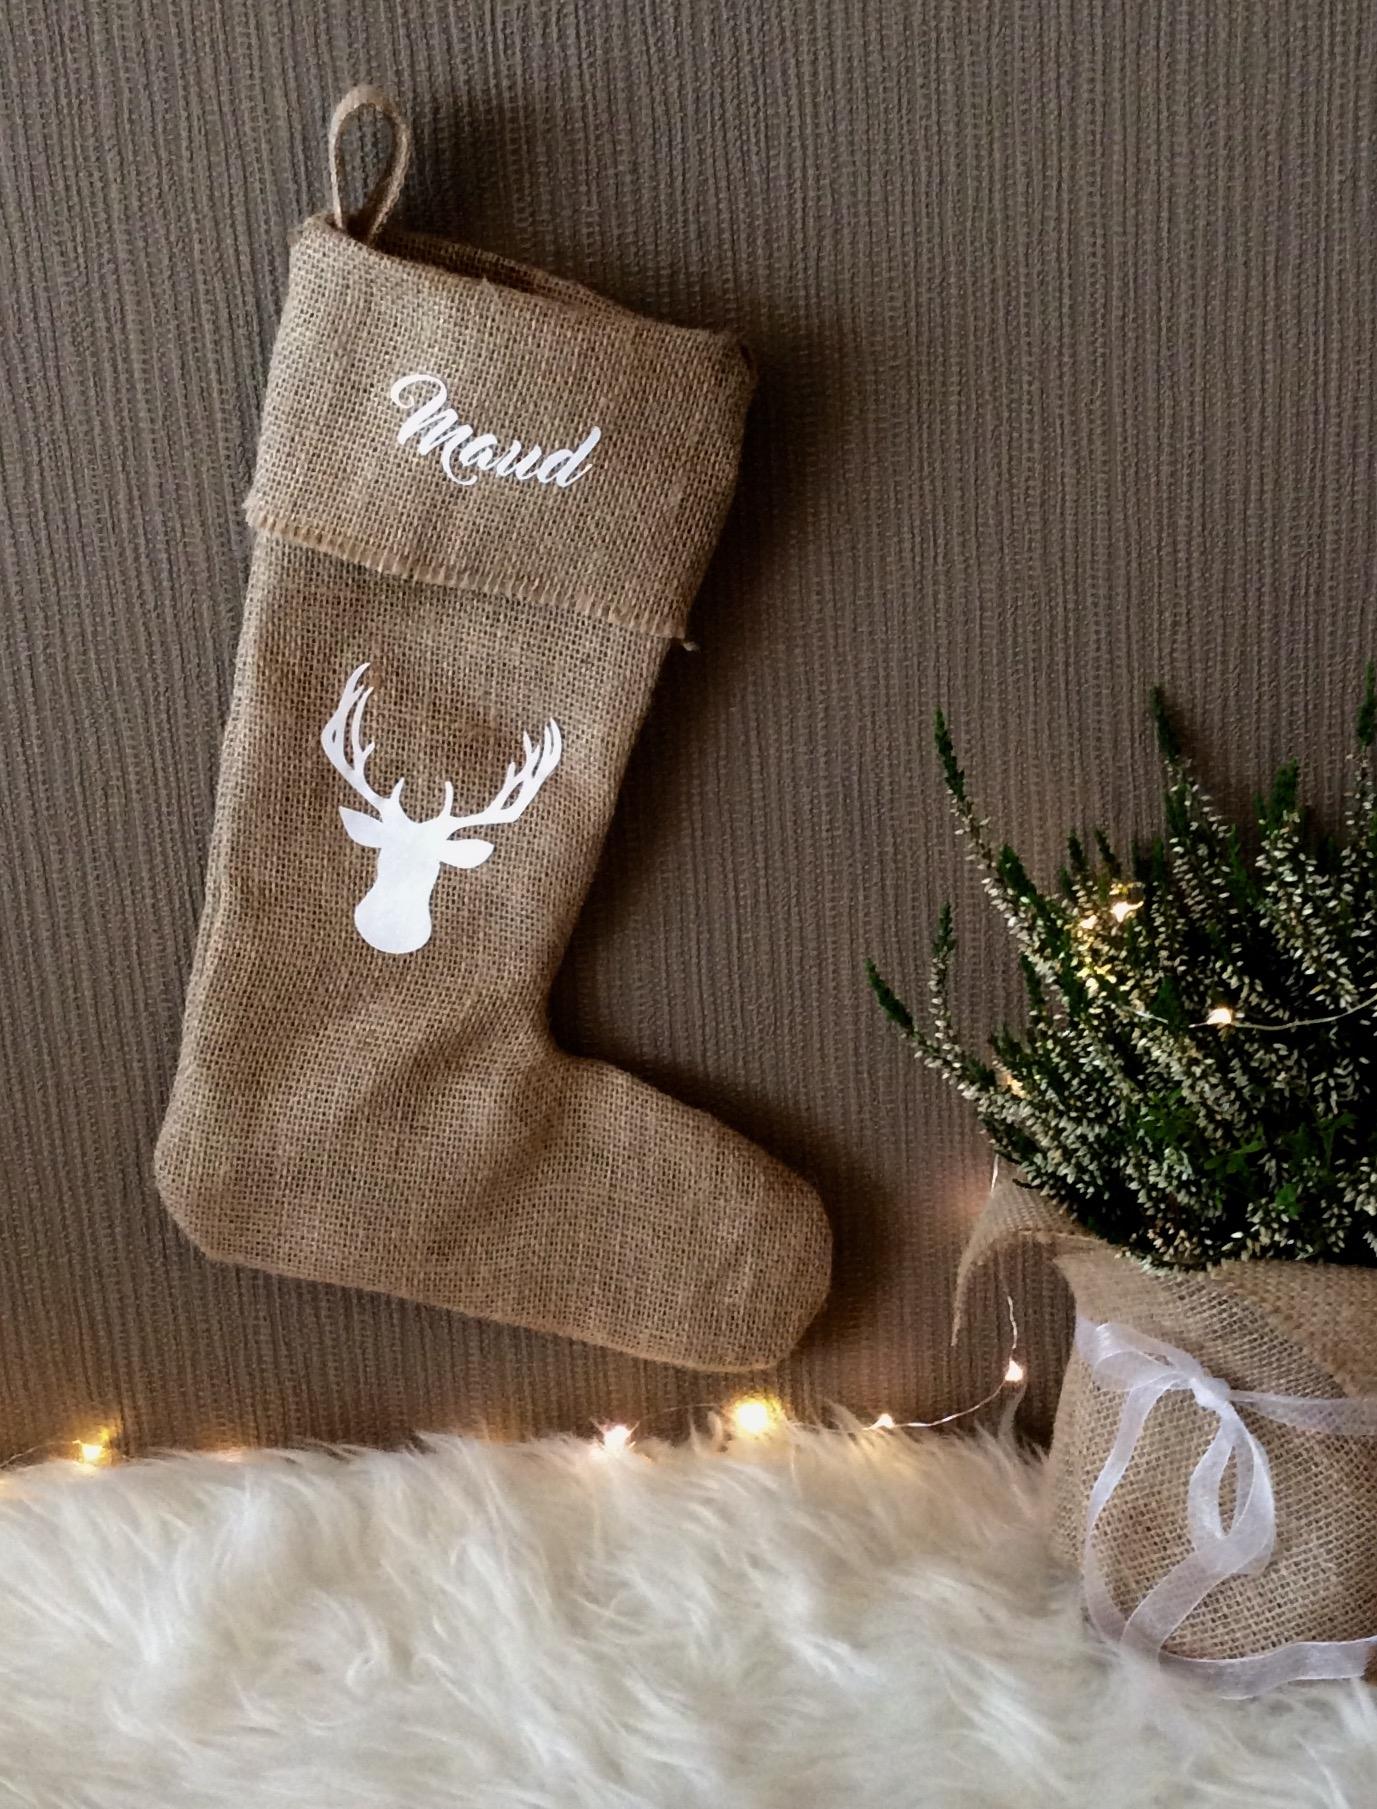 Kerstdecoratie | Jute kerstsok met naam naar wens ( wit)